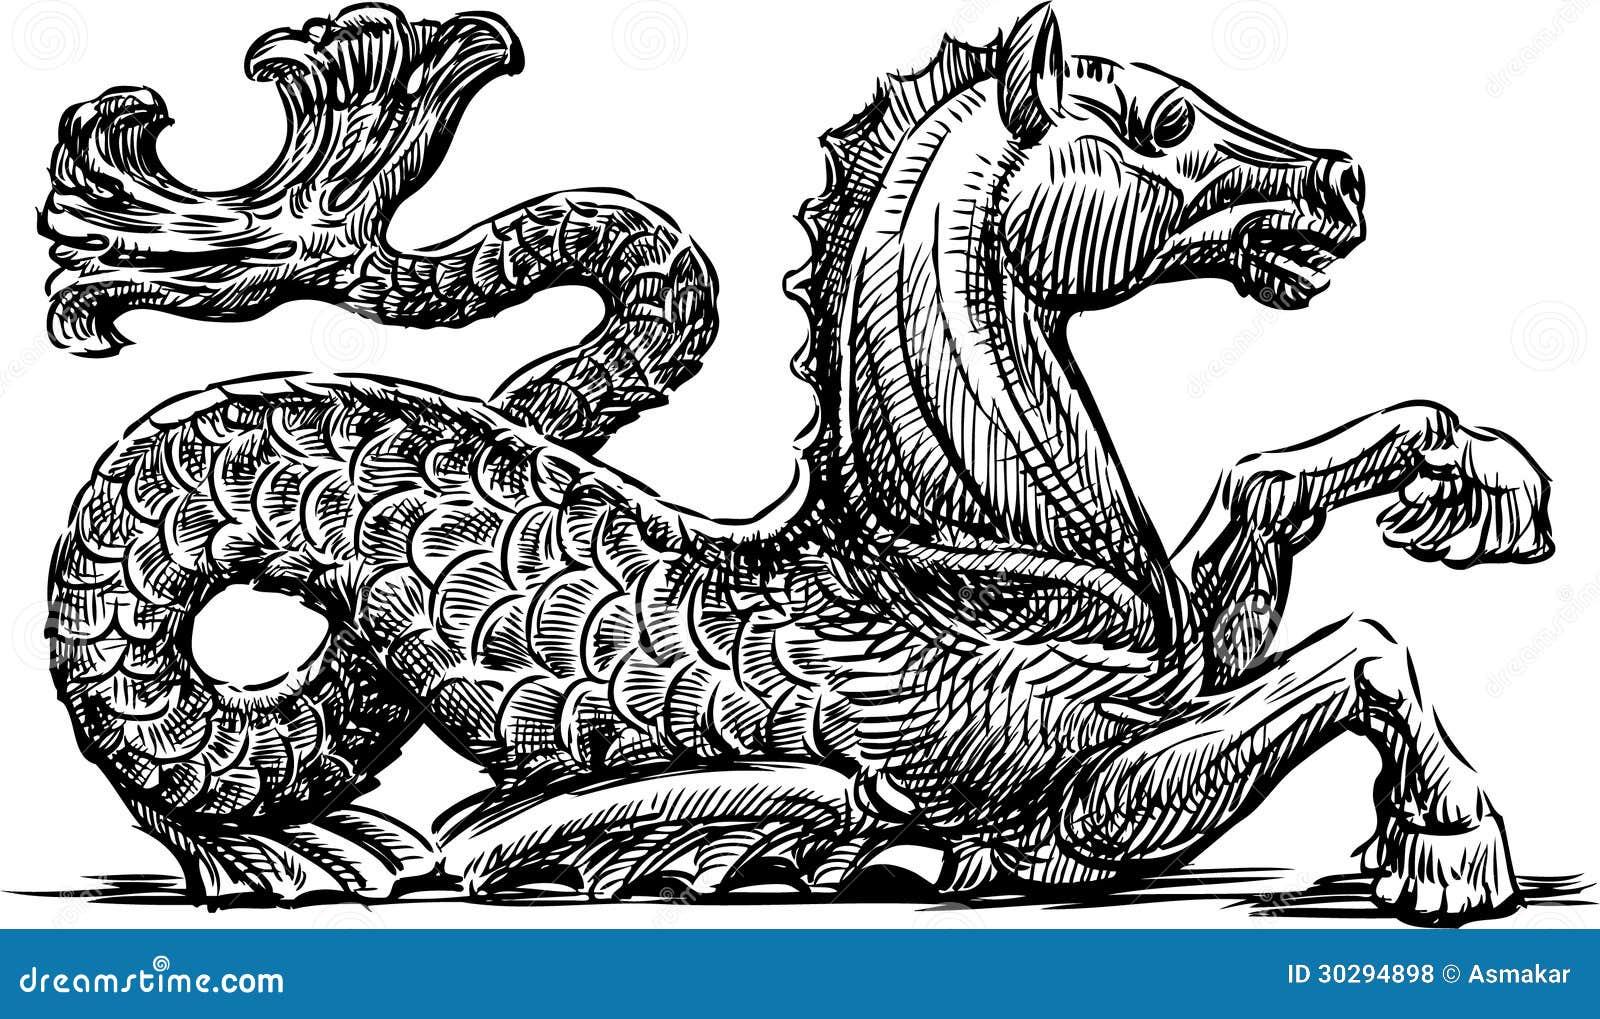 Cavalluccio marino mitologico illustrazione vettoriale for Cavalluccio marino disegno